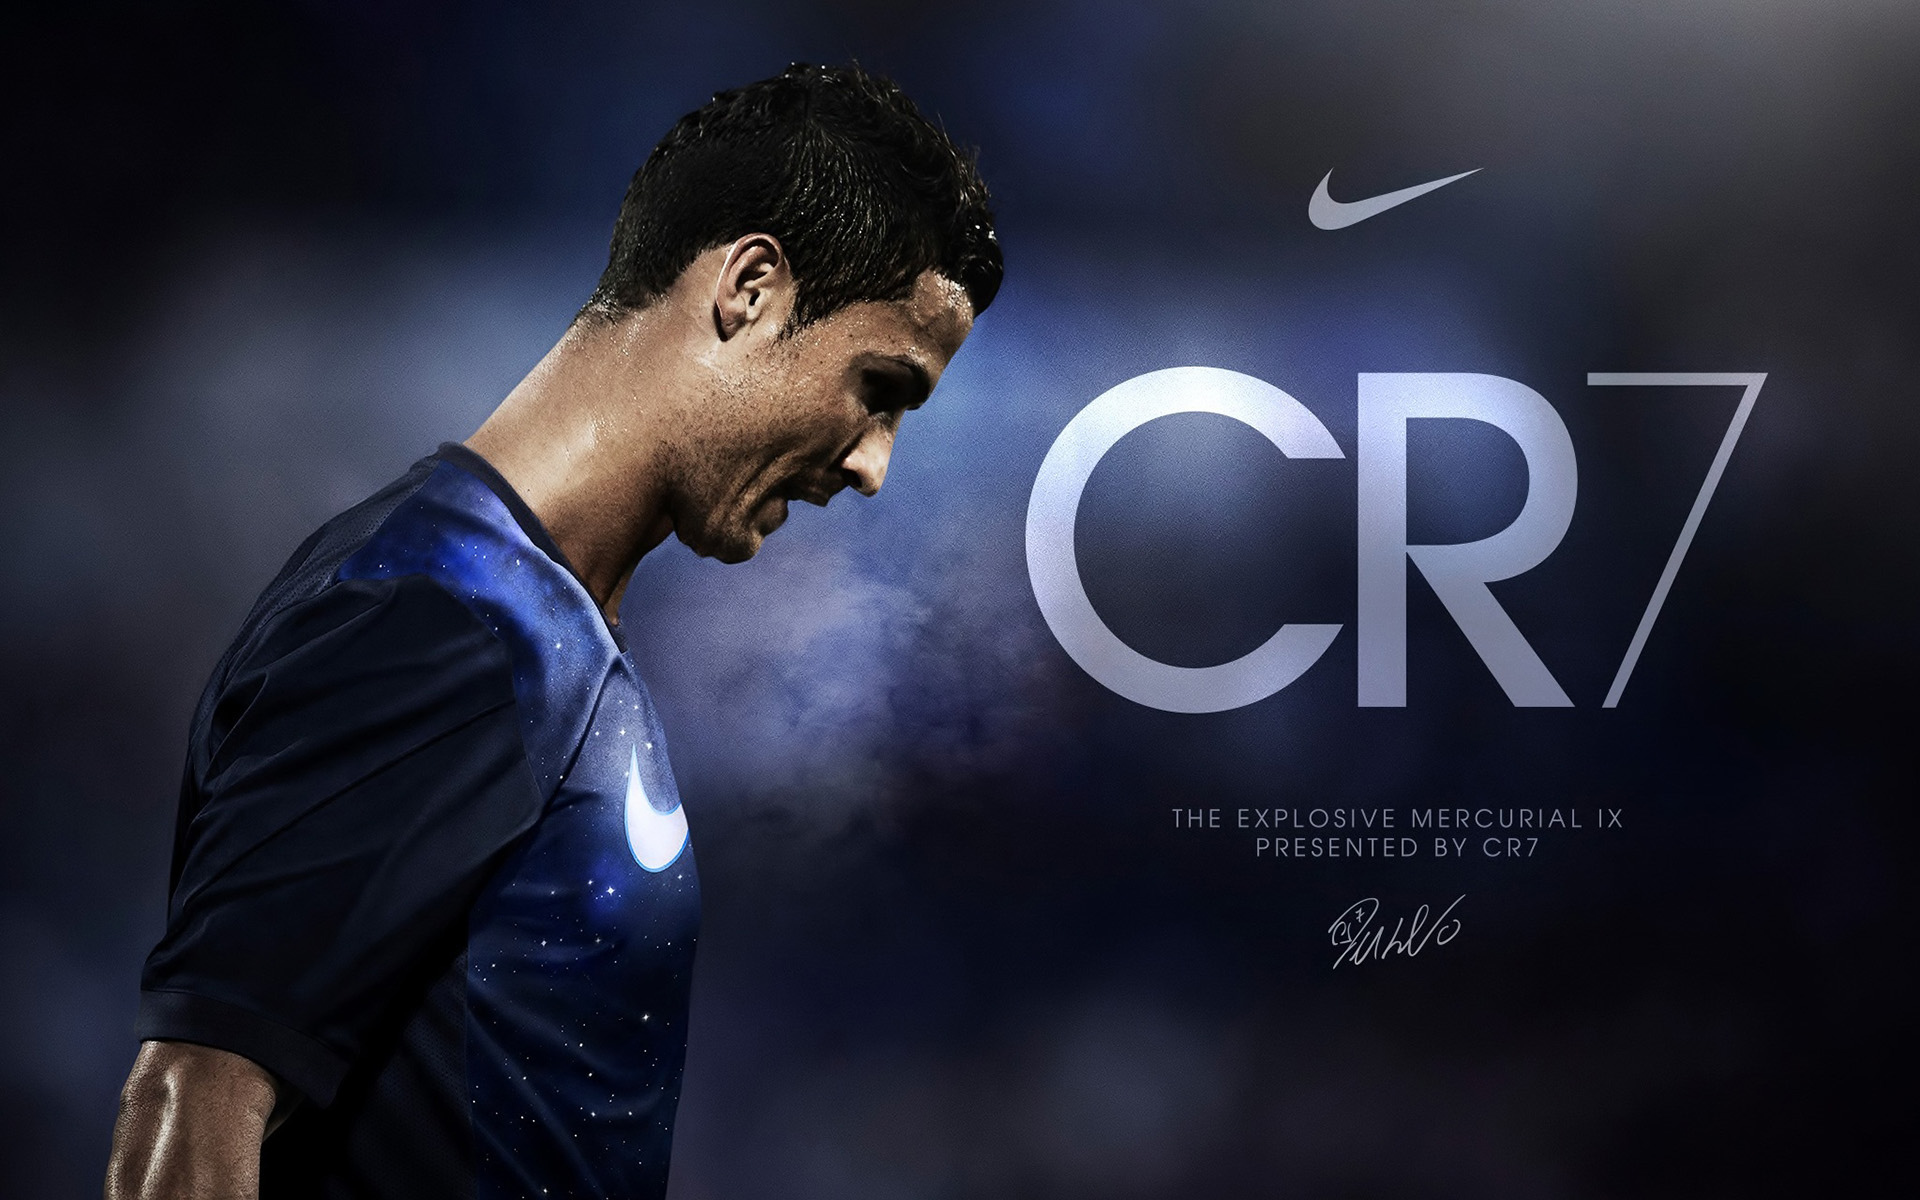 Fondos De Pantalla De Cristiano Ronaldo: Fondos De Pantalla De Christiano Ronaldo, Wallpapers HD Gratis